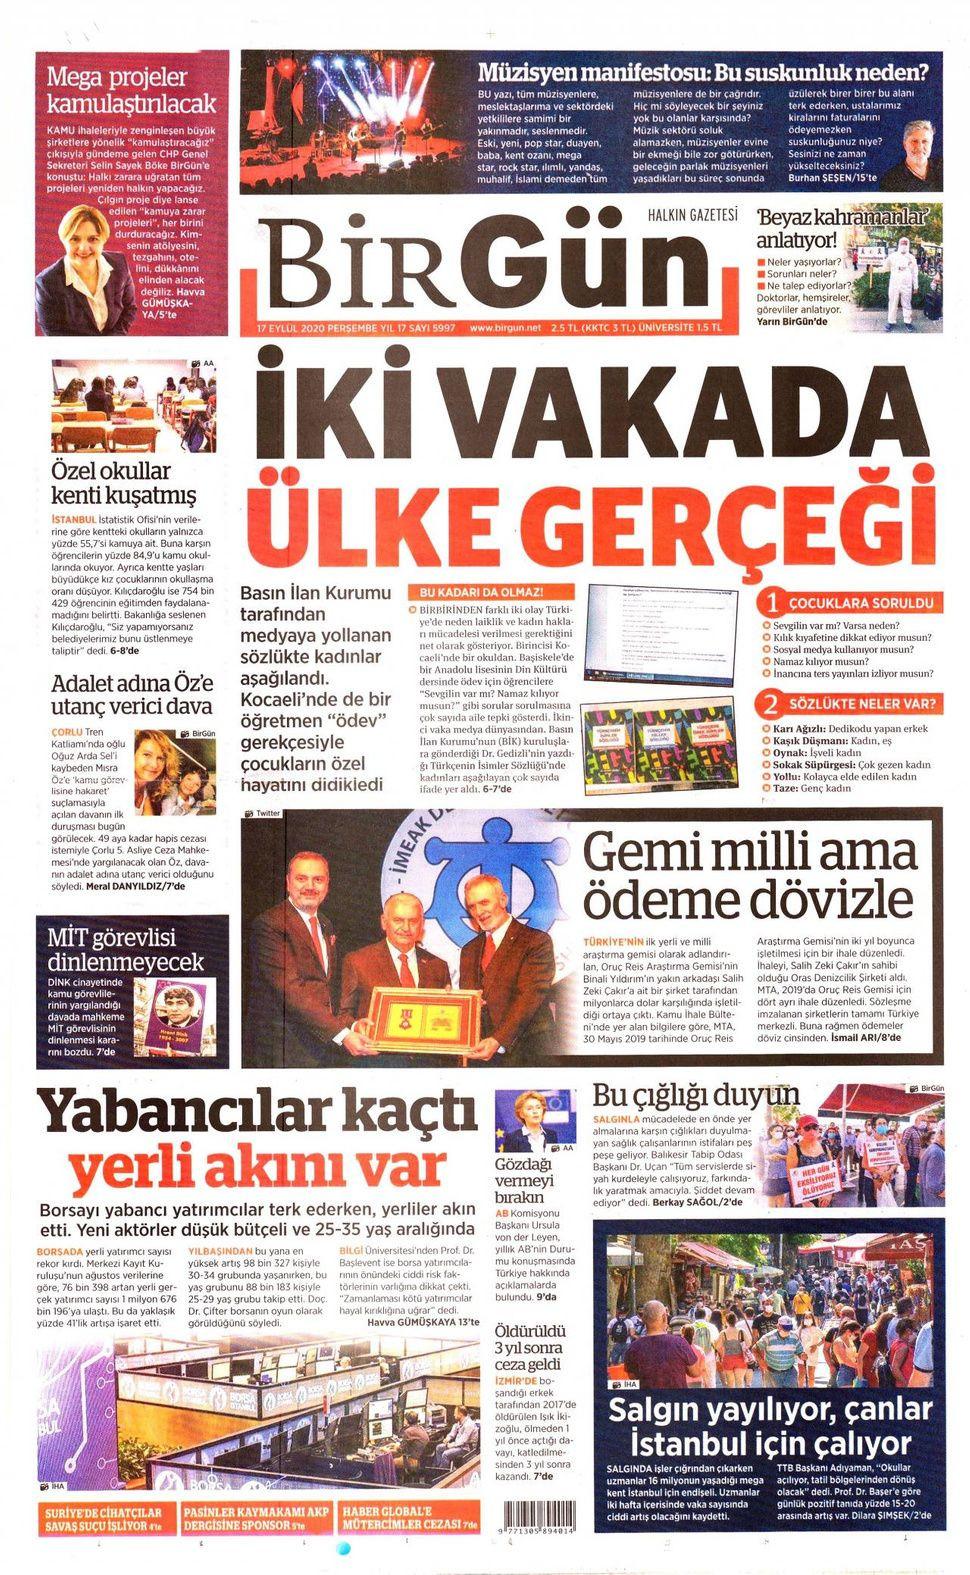 17 Eylül 2020 Perşembe gazete manşetleri! - Sayfa 4